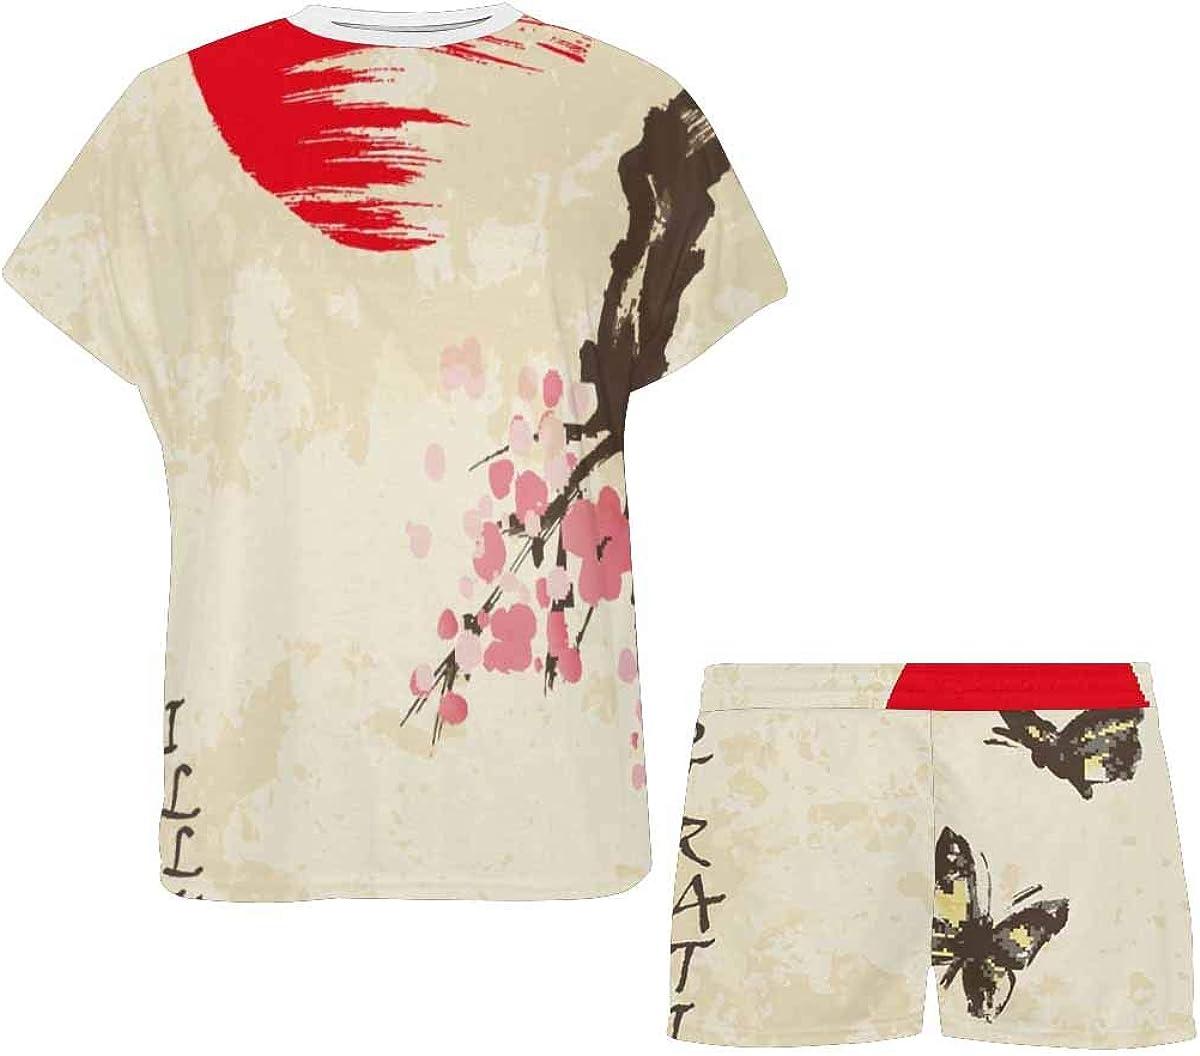 InterestPrint Spring Cherry Blossom with Butterflies Women's Lightweight Pajama Set, Short Summer Pjs